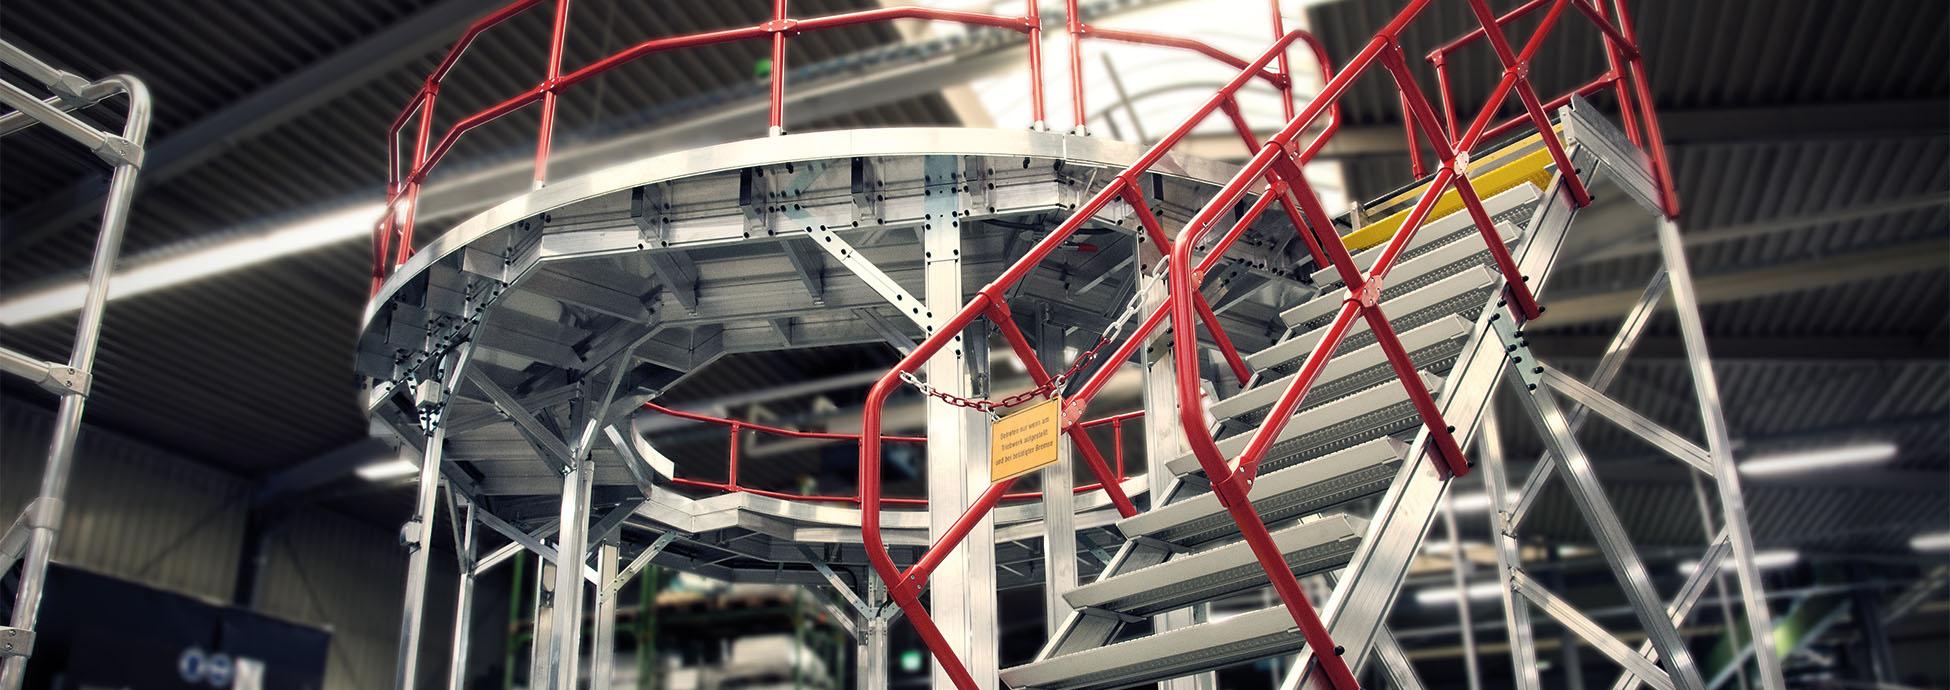 Sonderlösungen und Sonderbau aus Aluminium